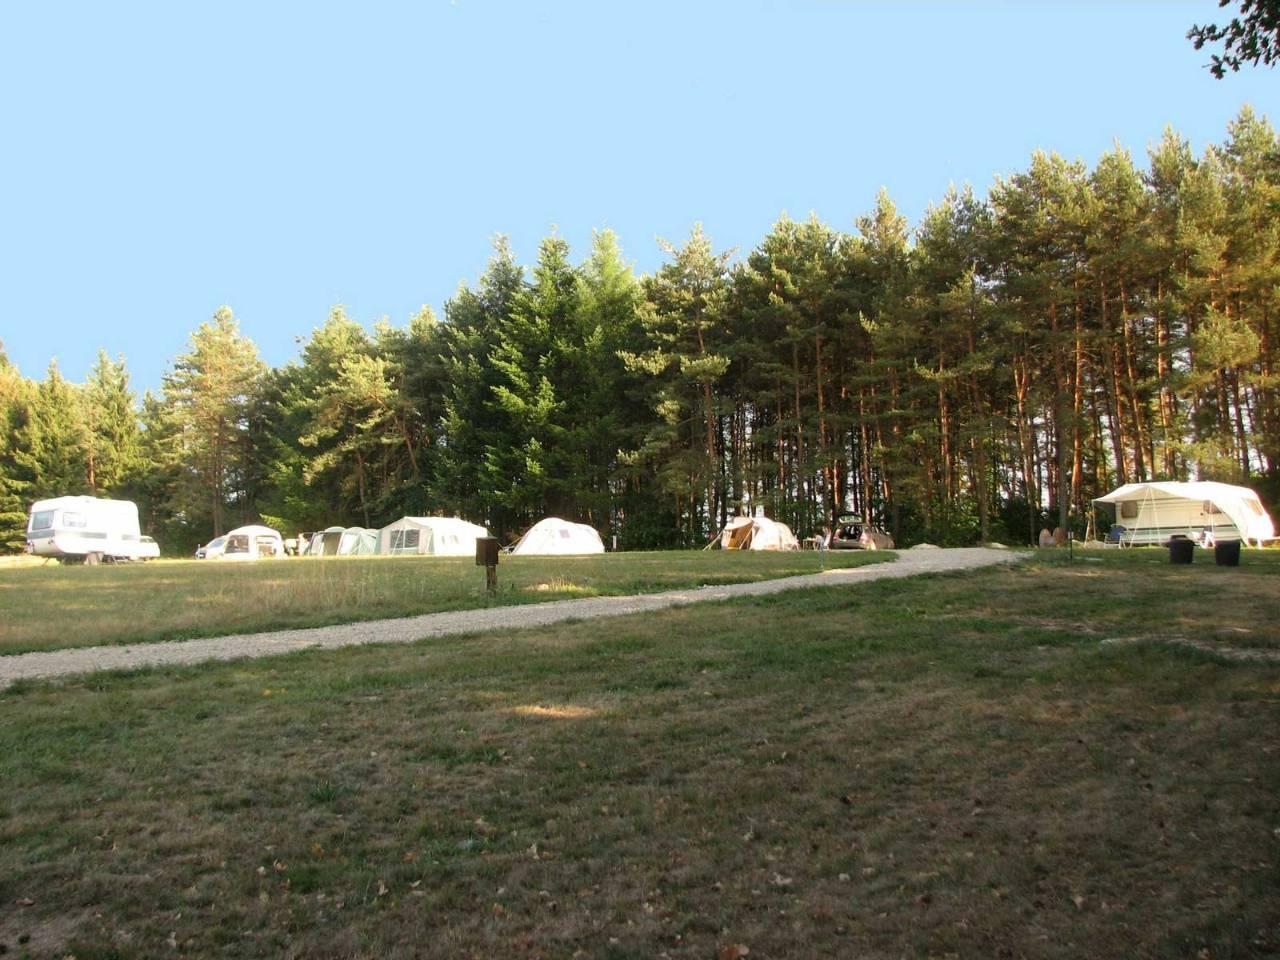 Location: Camping La Vallee Verte